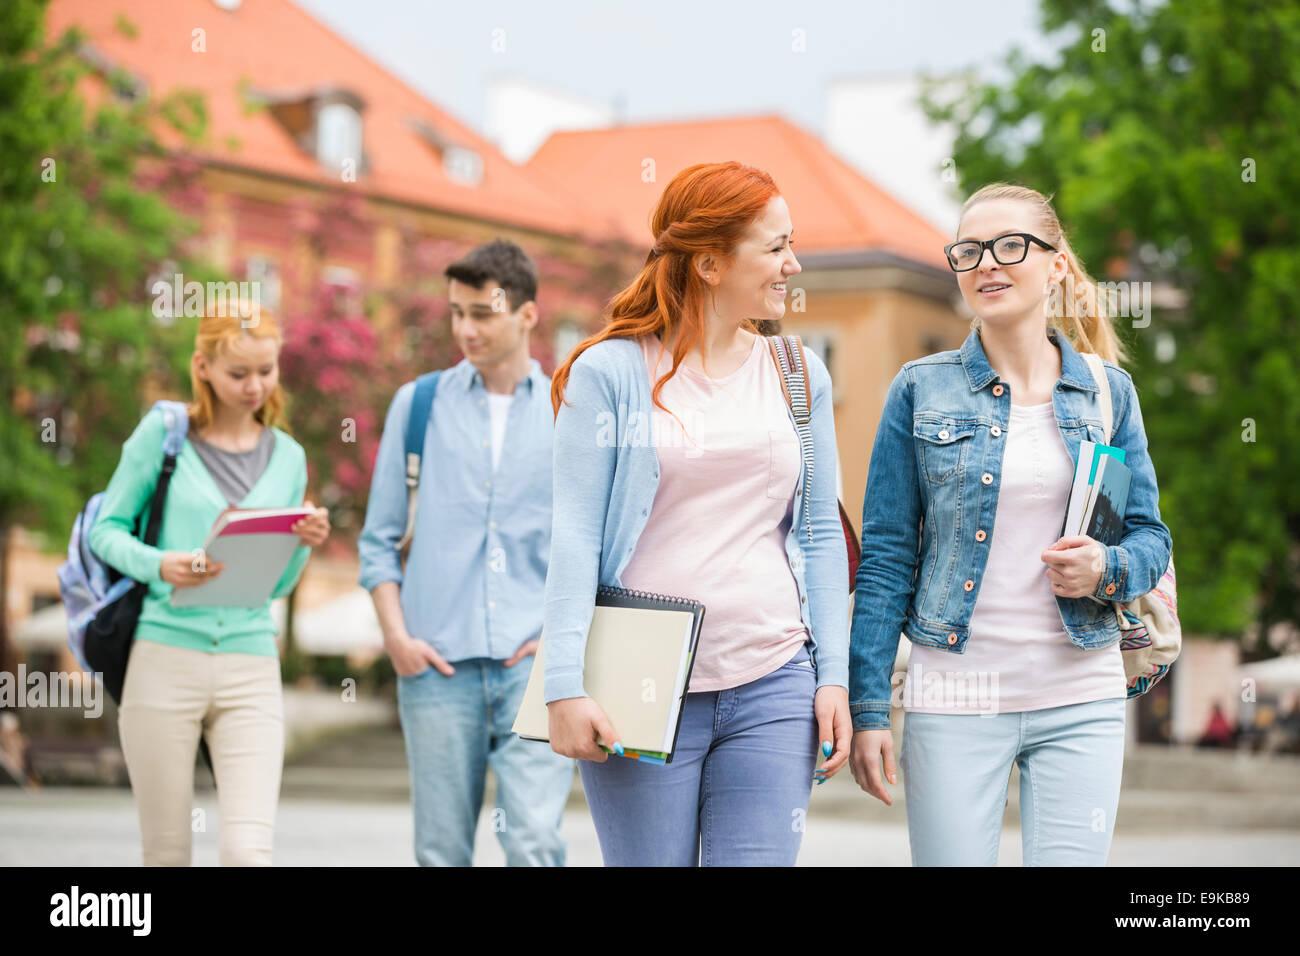 Les jeunes amis de l'université de marcher sur la rue Photo Stock